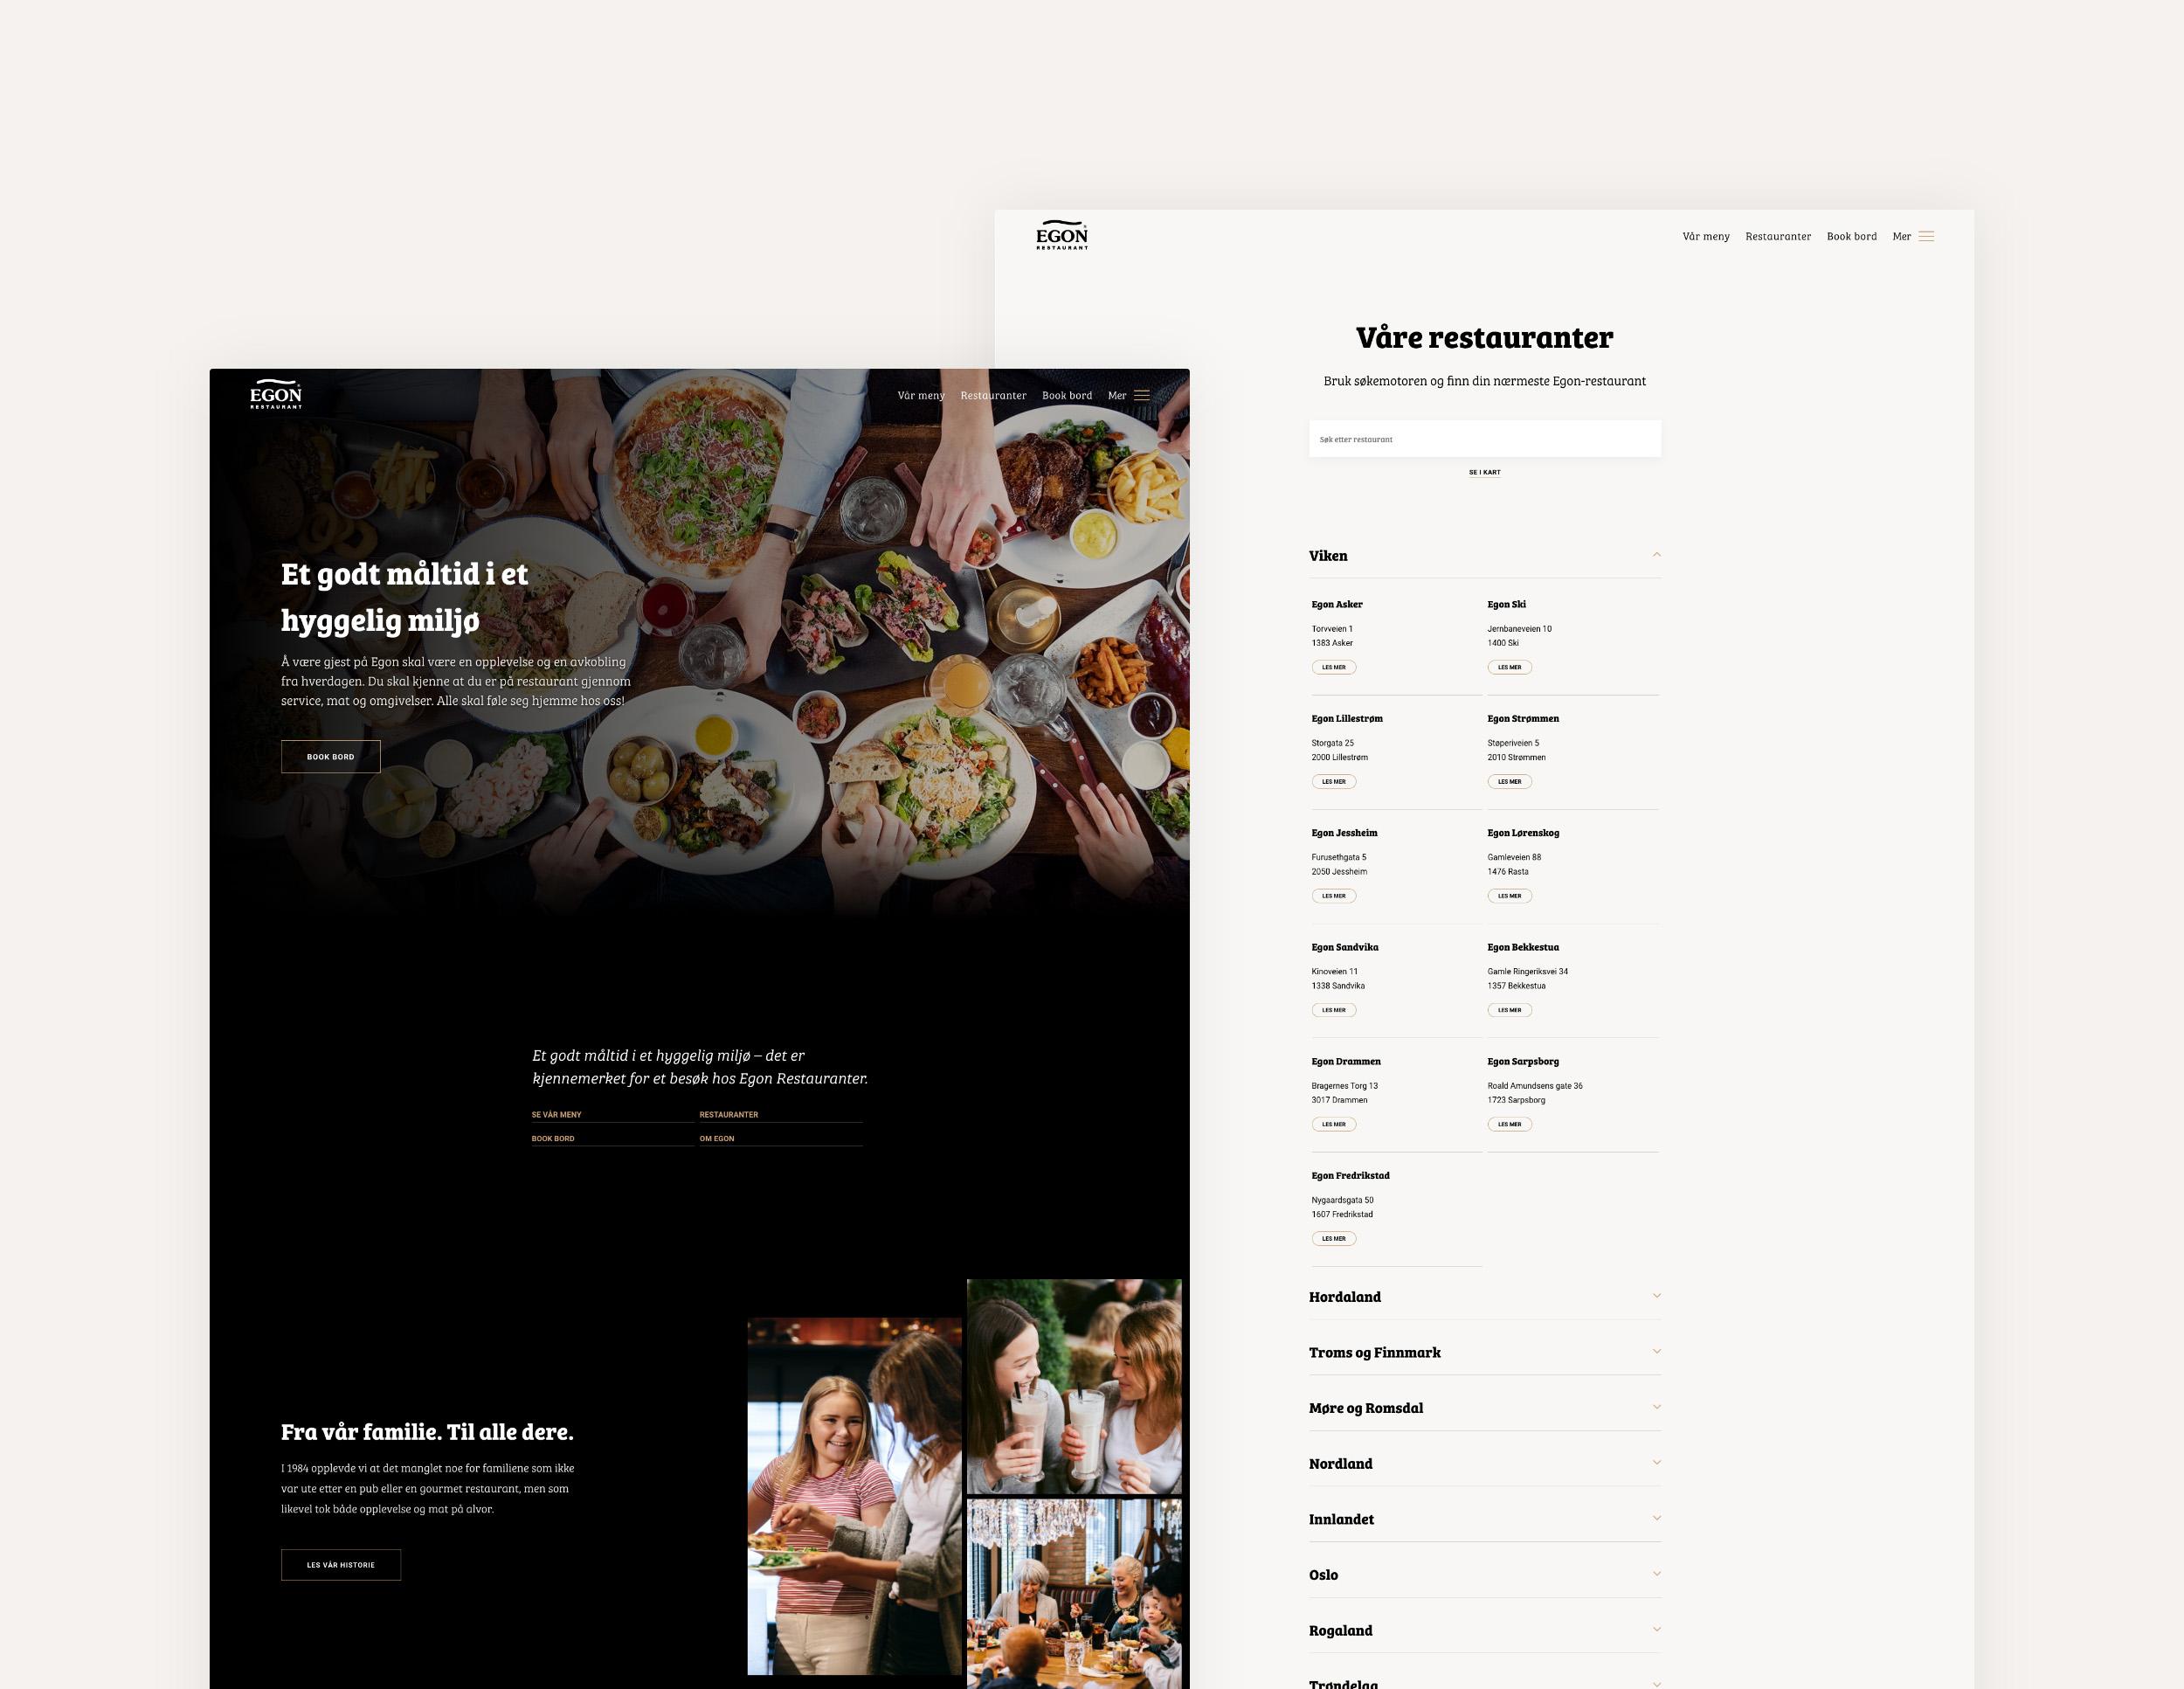 Forside og restaurantoversikt